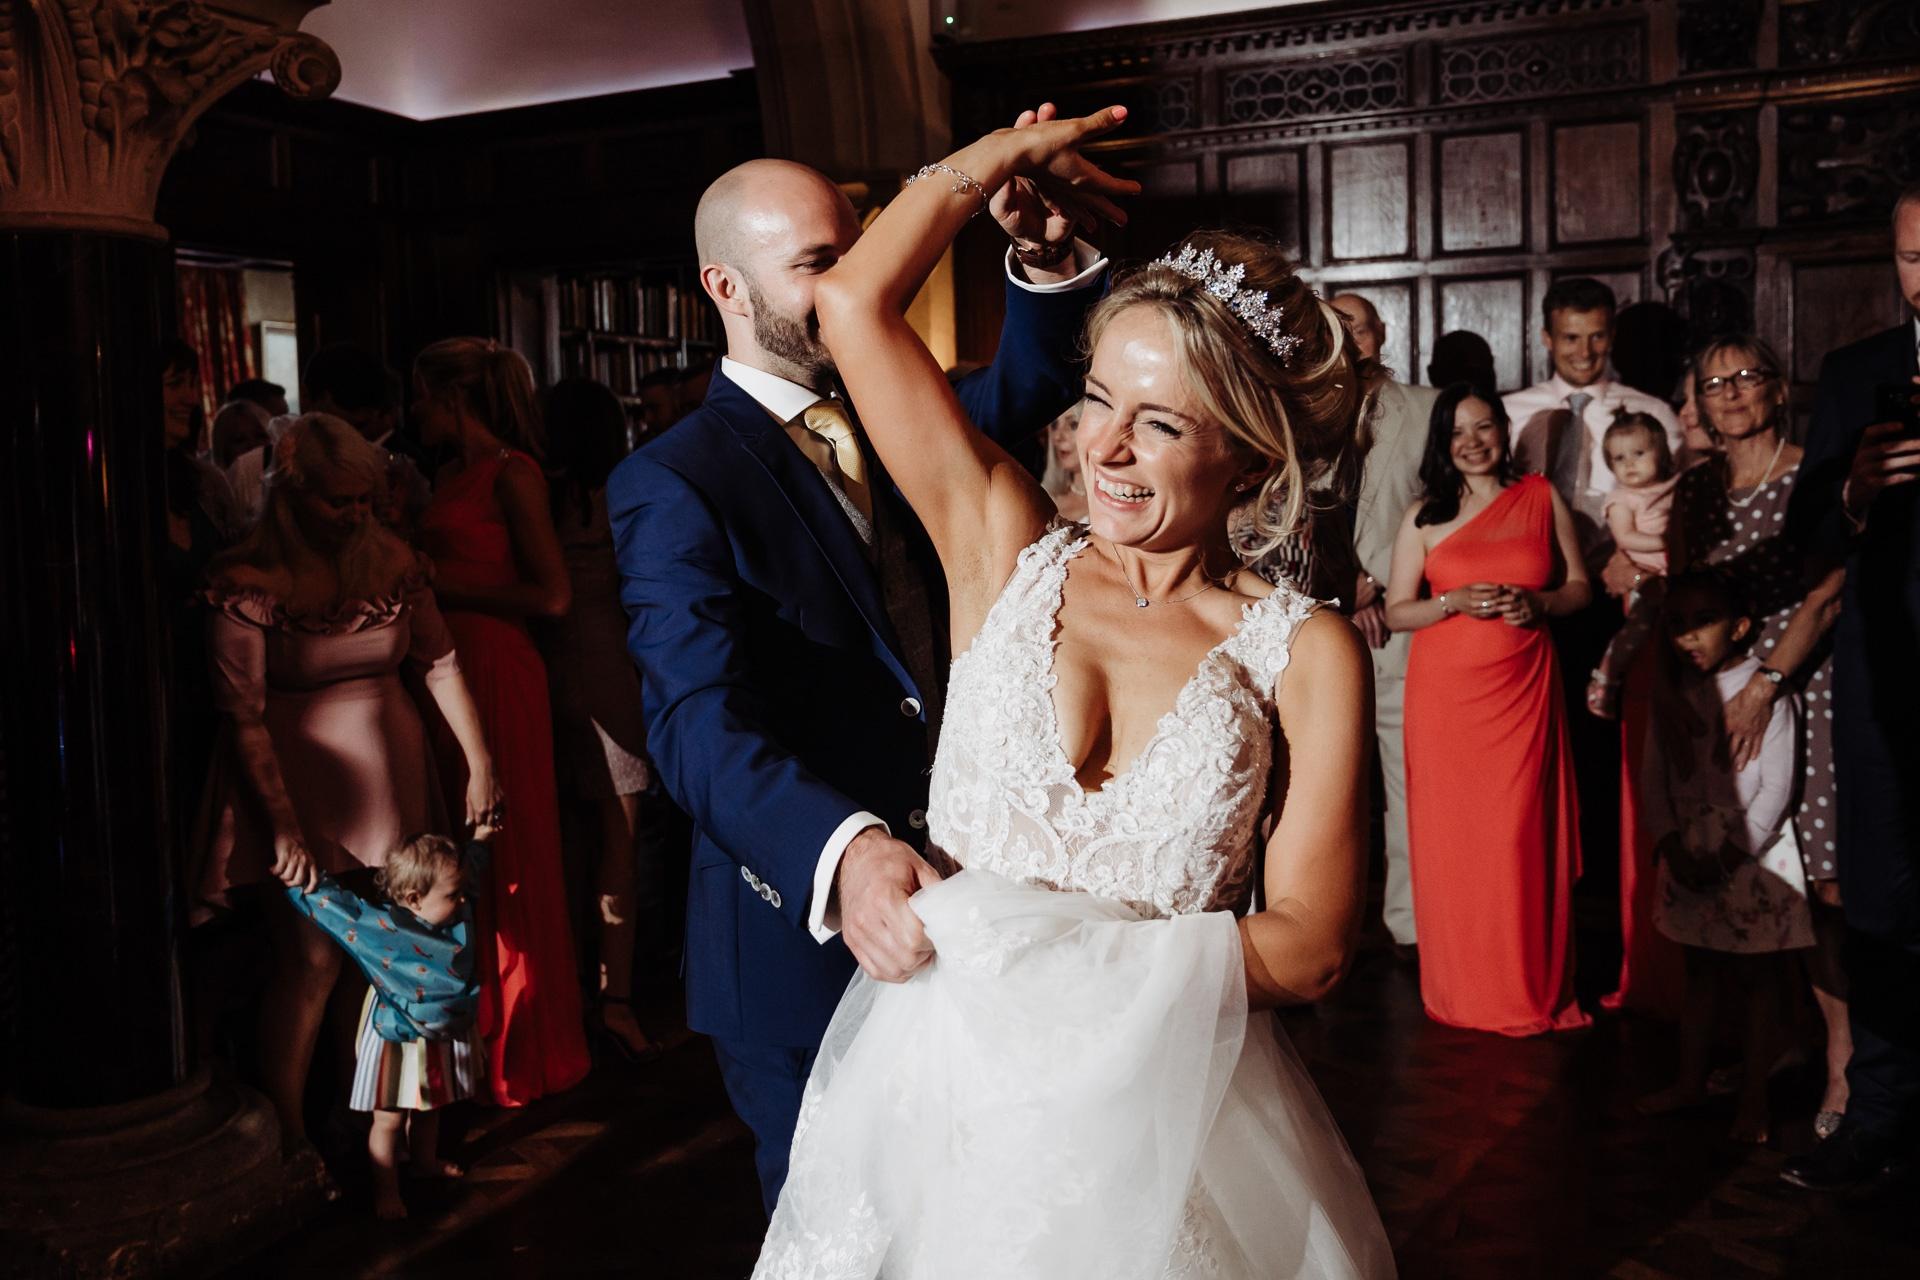 huntsham-court-wedding-photographer-065